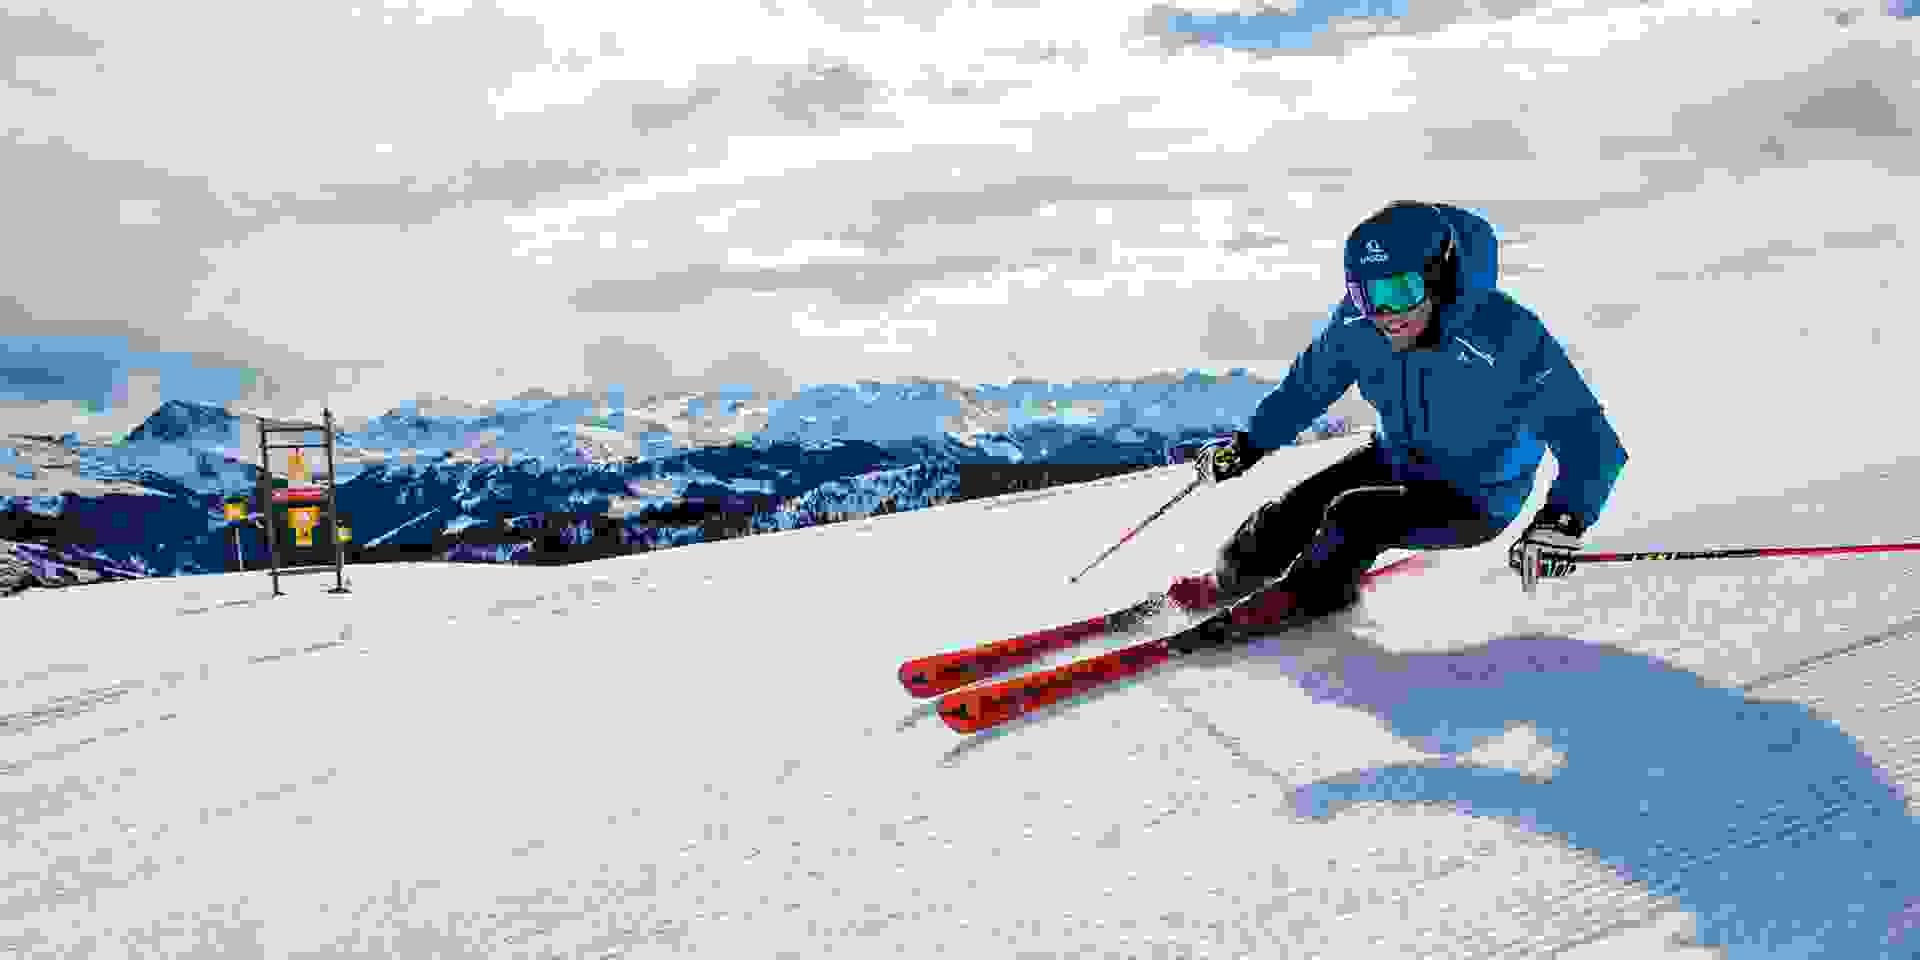 Ein Skifahrer fährt sehr schnell eine perfekt präparierte Piste hinab.